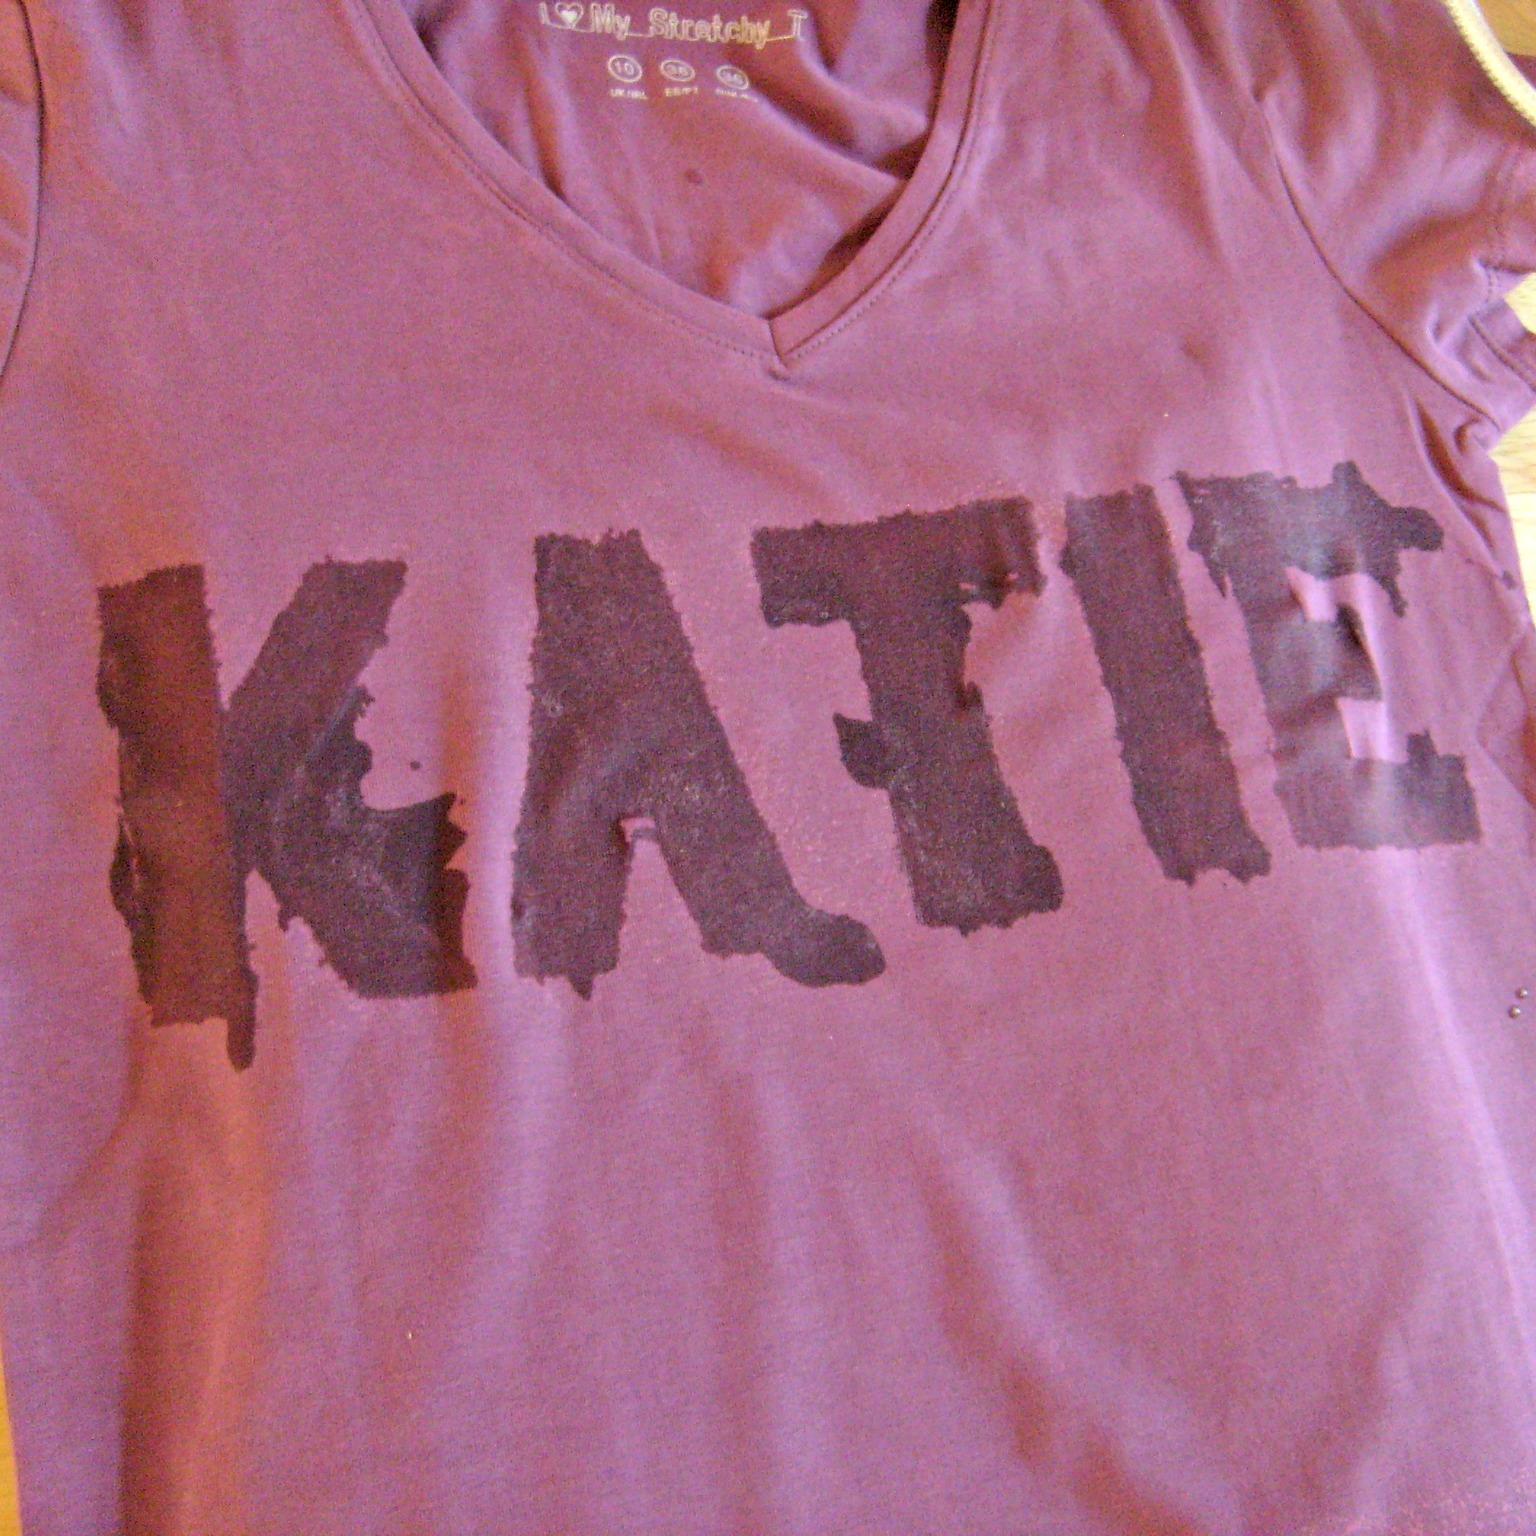 Katy clouds bleach stencil t shirt diy tutorial for How to bleach part of a shirt